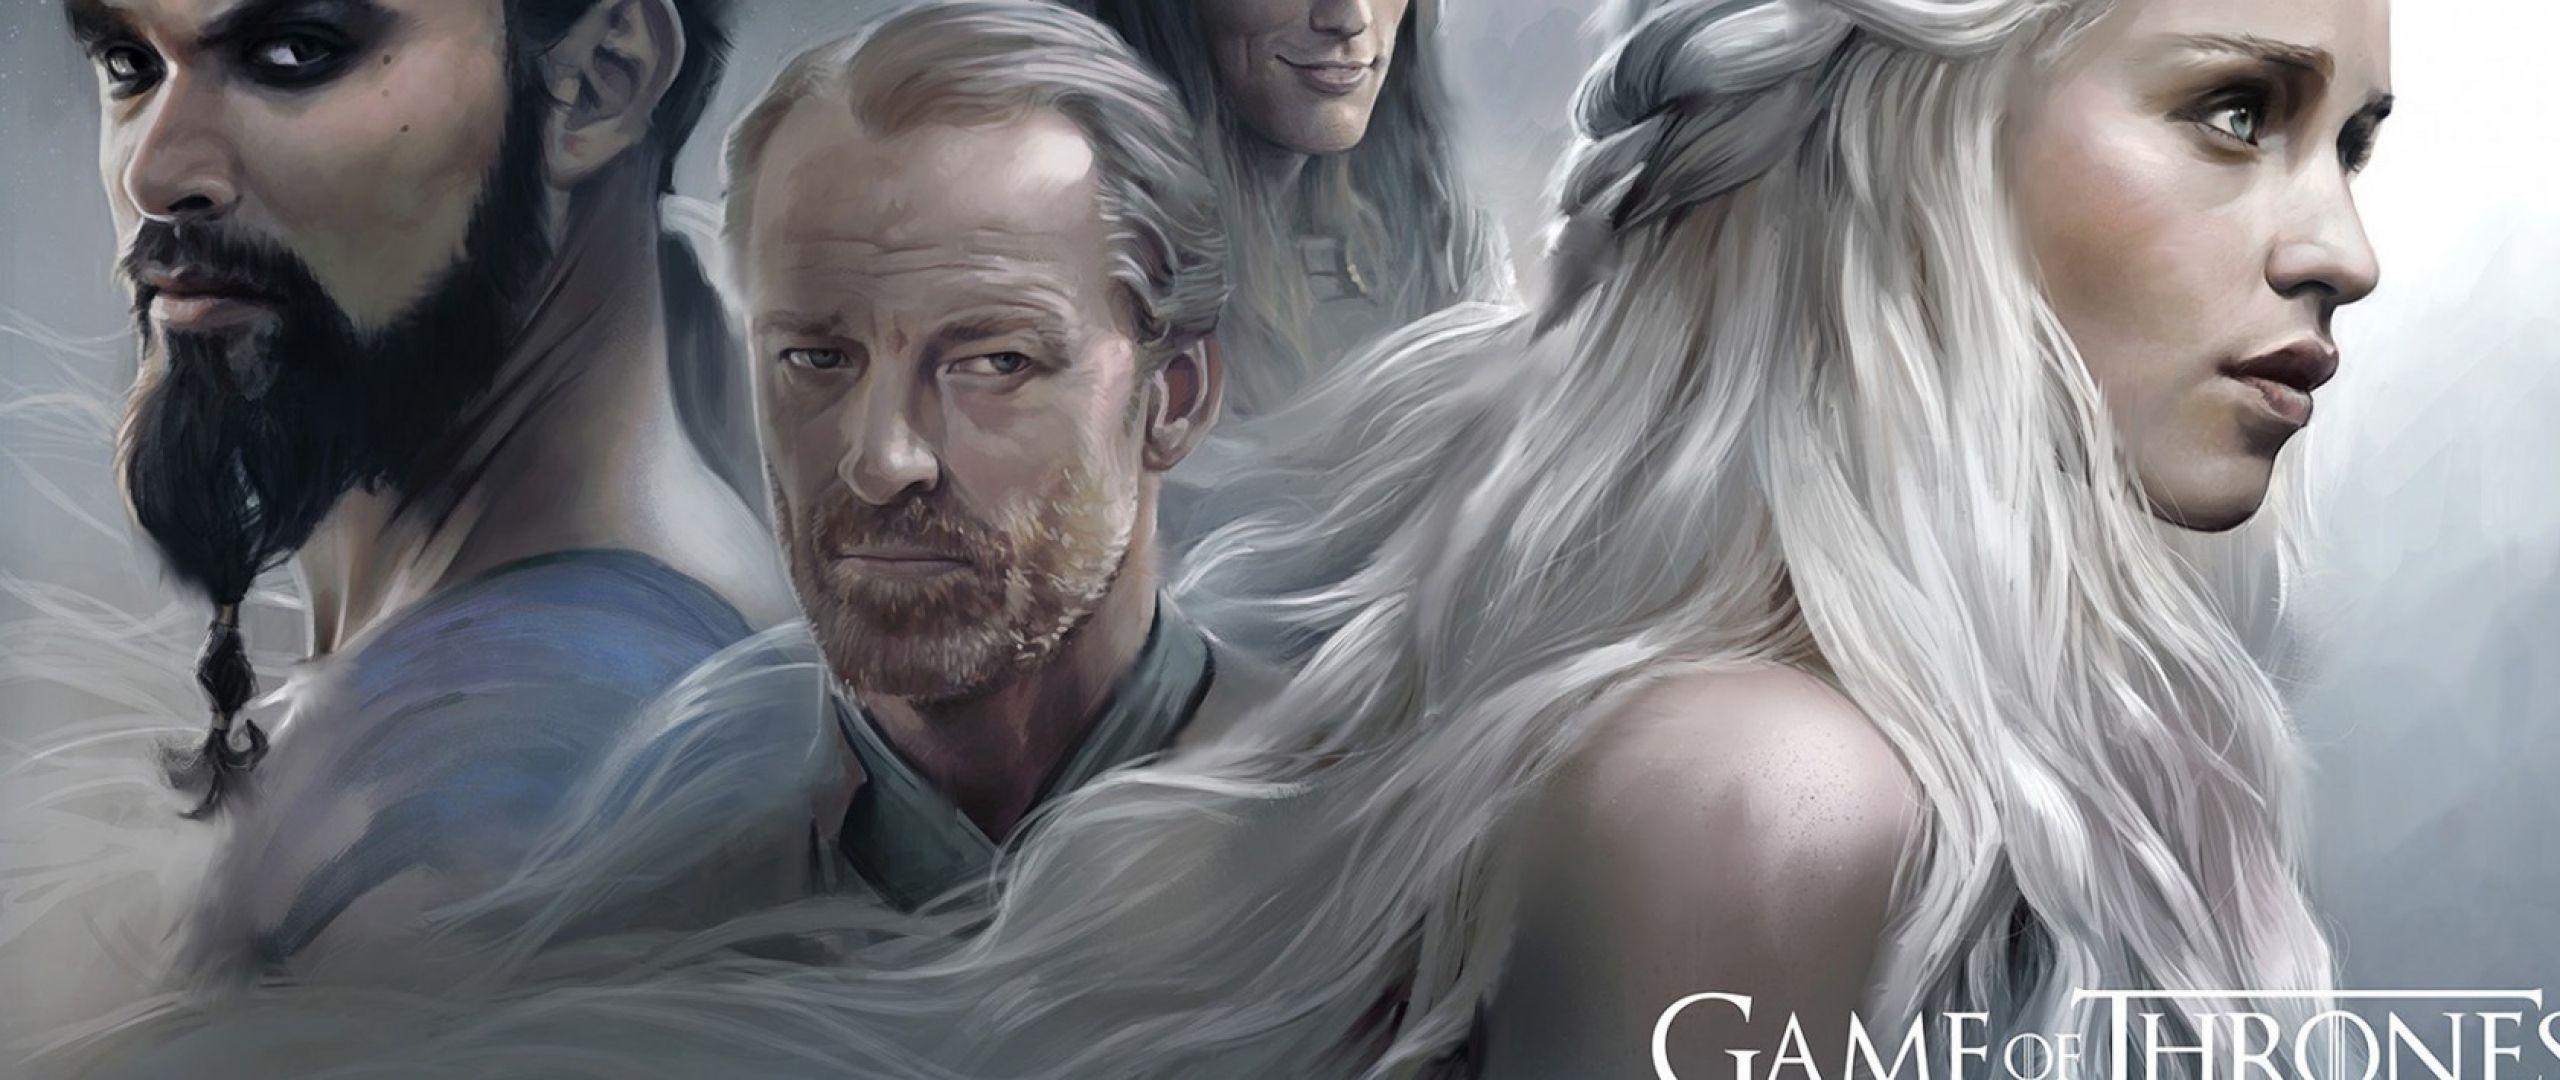 2560x1080 Wallpaper game of thrones, emilia clarke